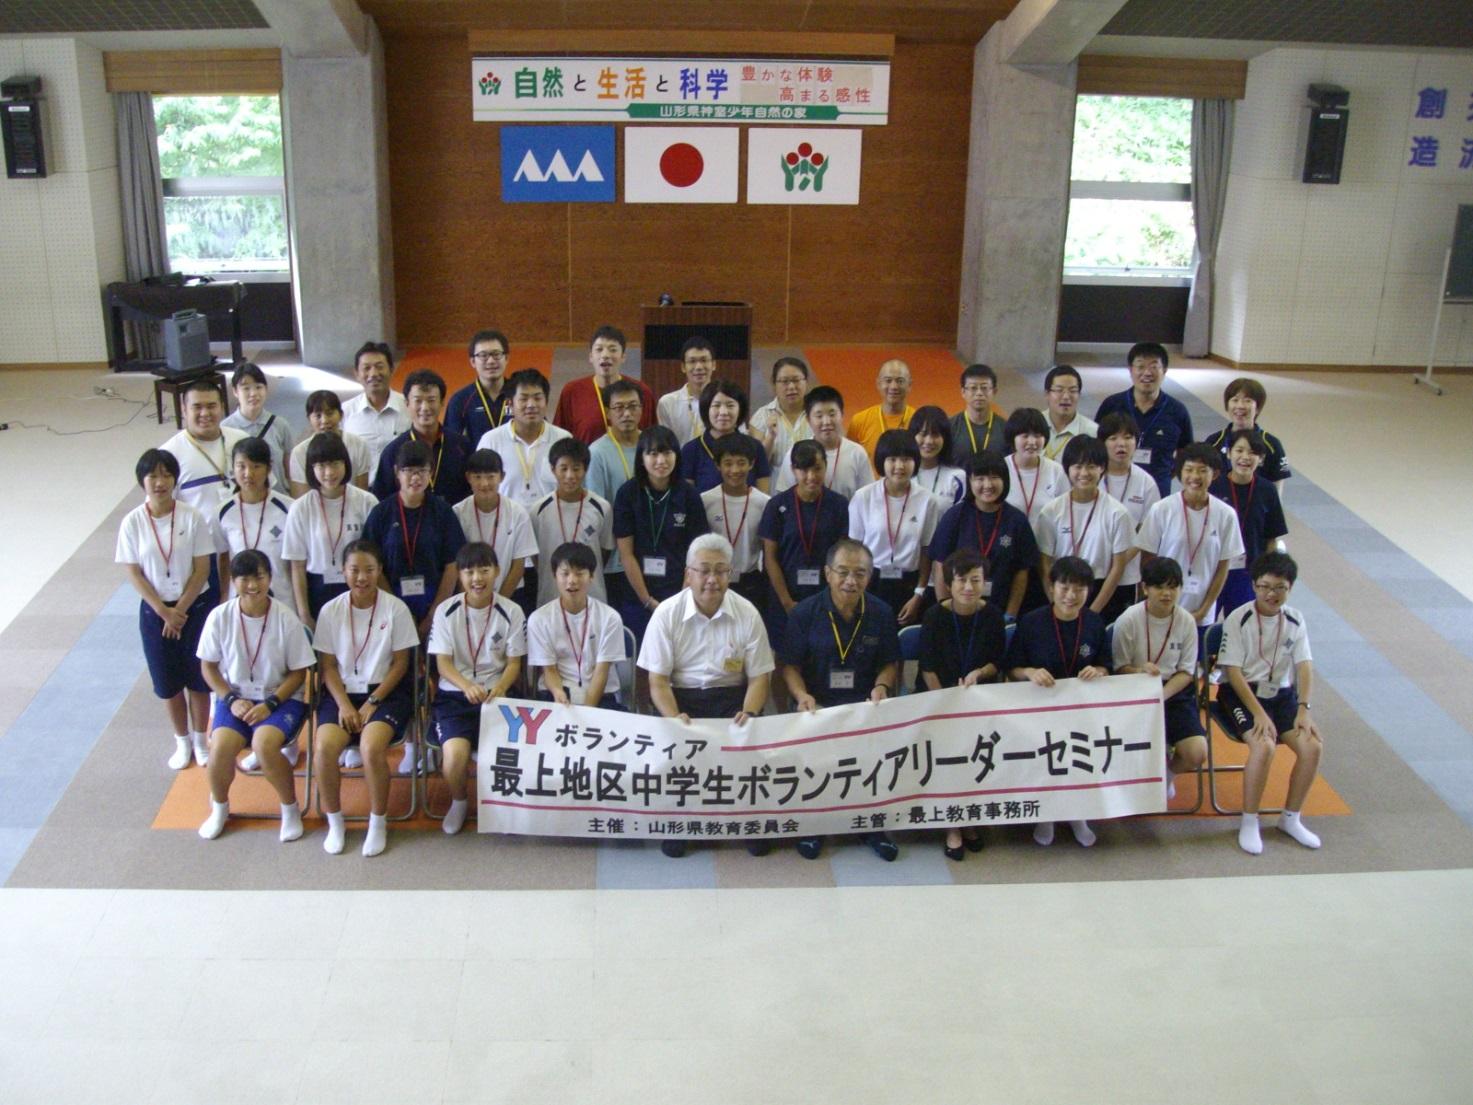 最上教育事務所の最上地区中学生ボランティアリーダーセミナー